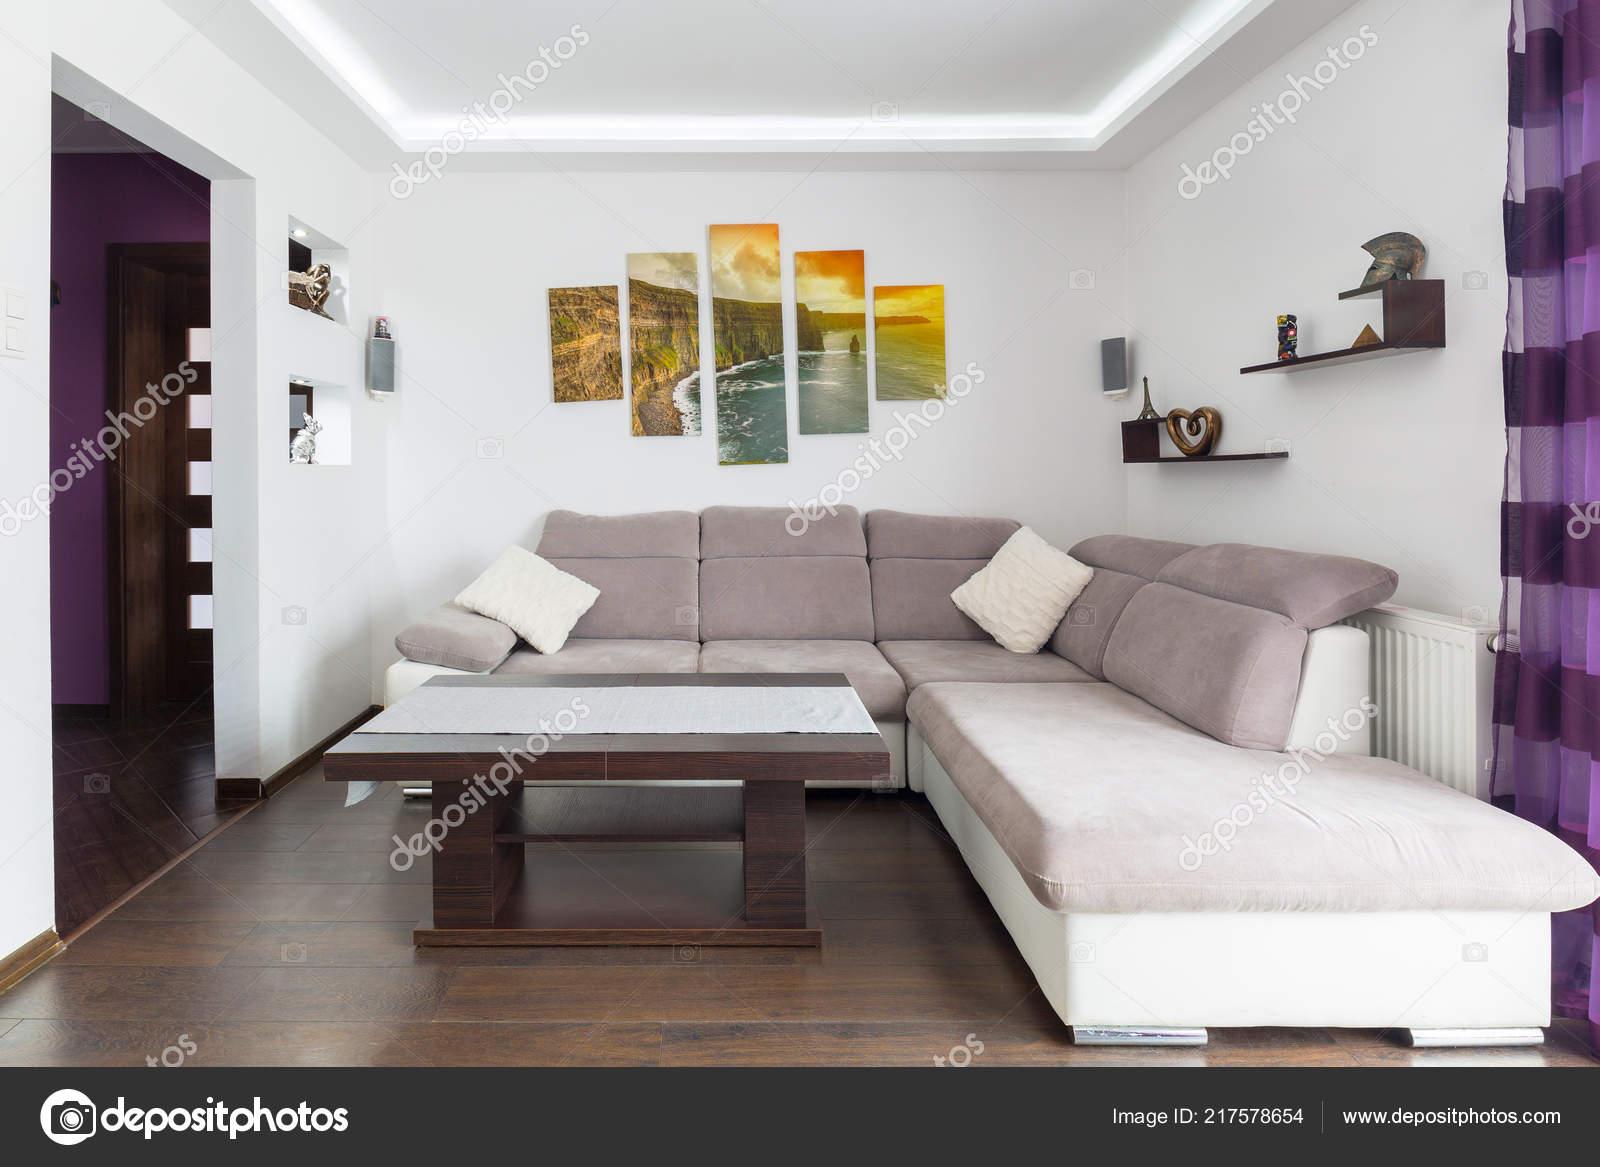 Moderne Wohnzimmer Interieur Mit Sofa Und — Stockfoto ...